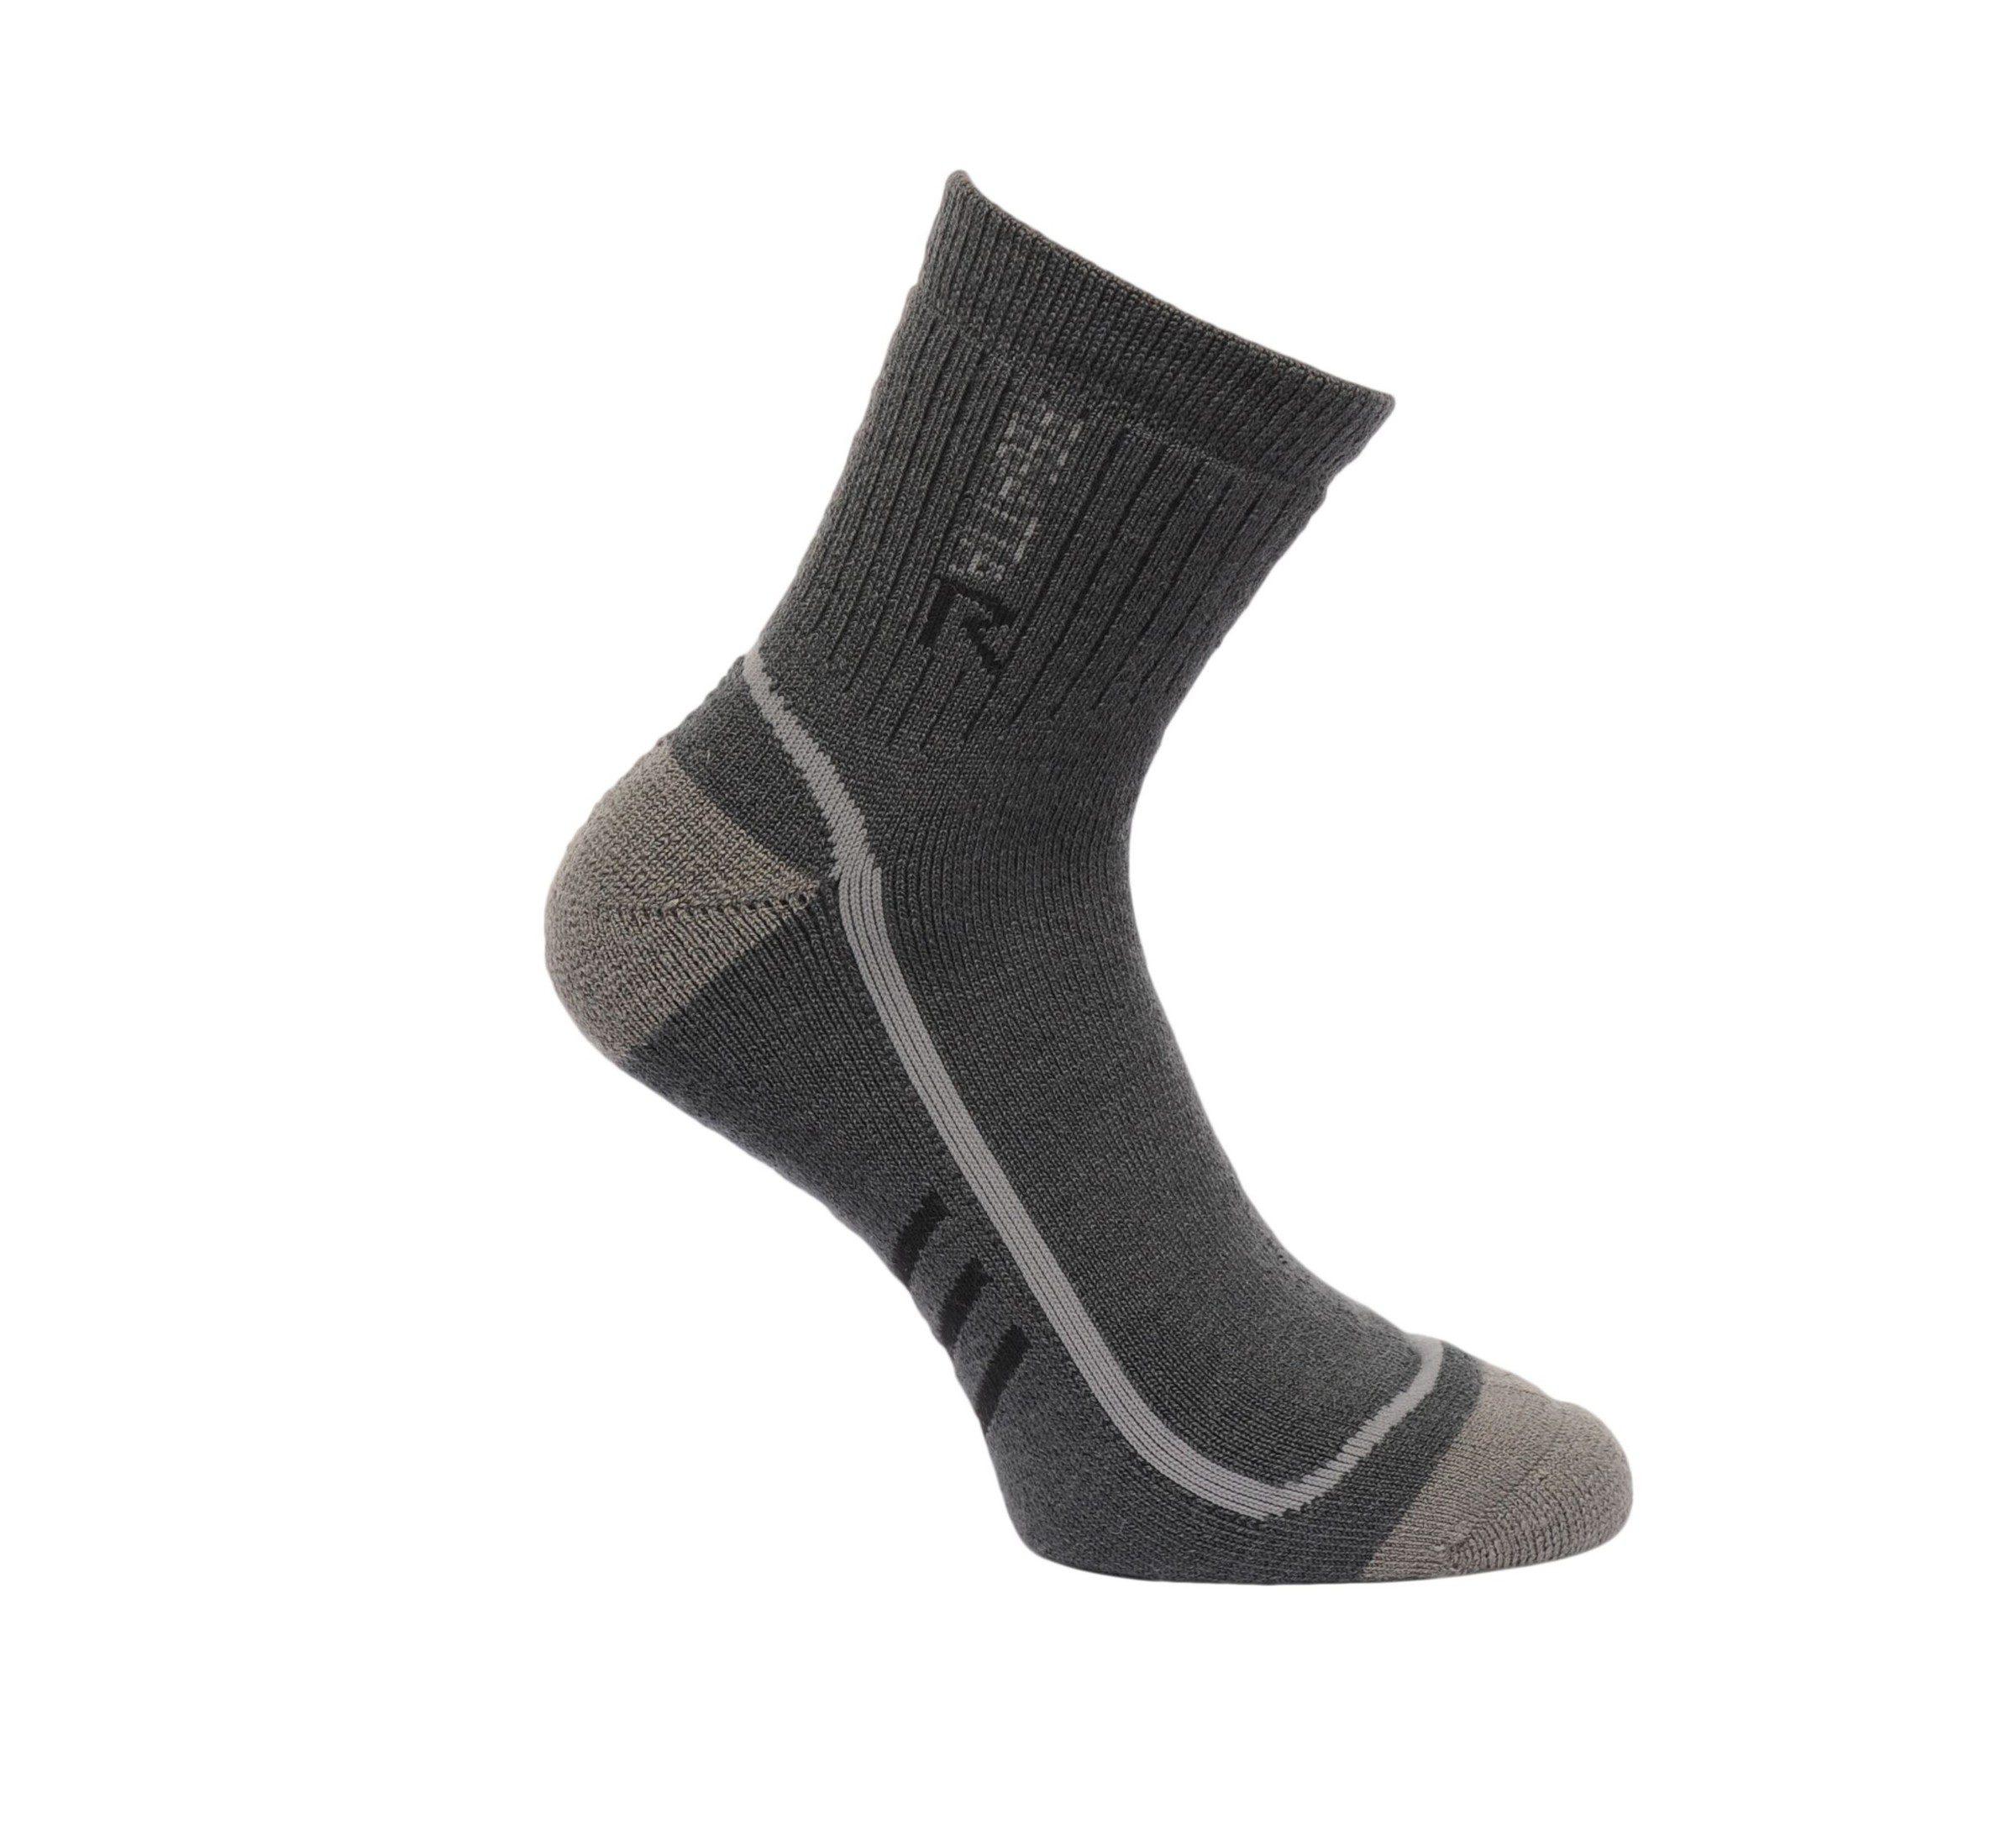 Regatta Men's Trek and Trail Sock - Iron